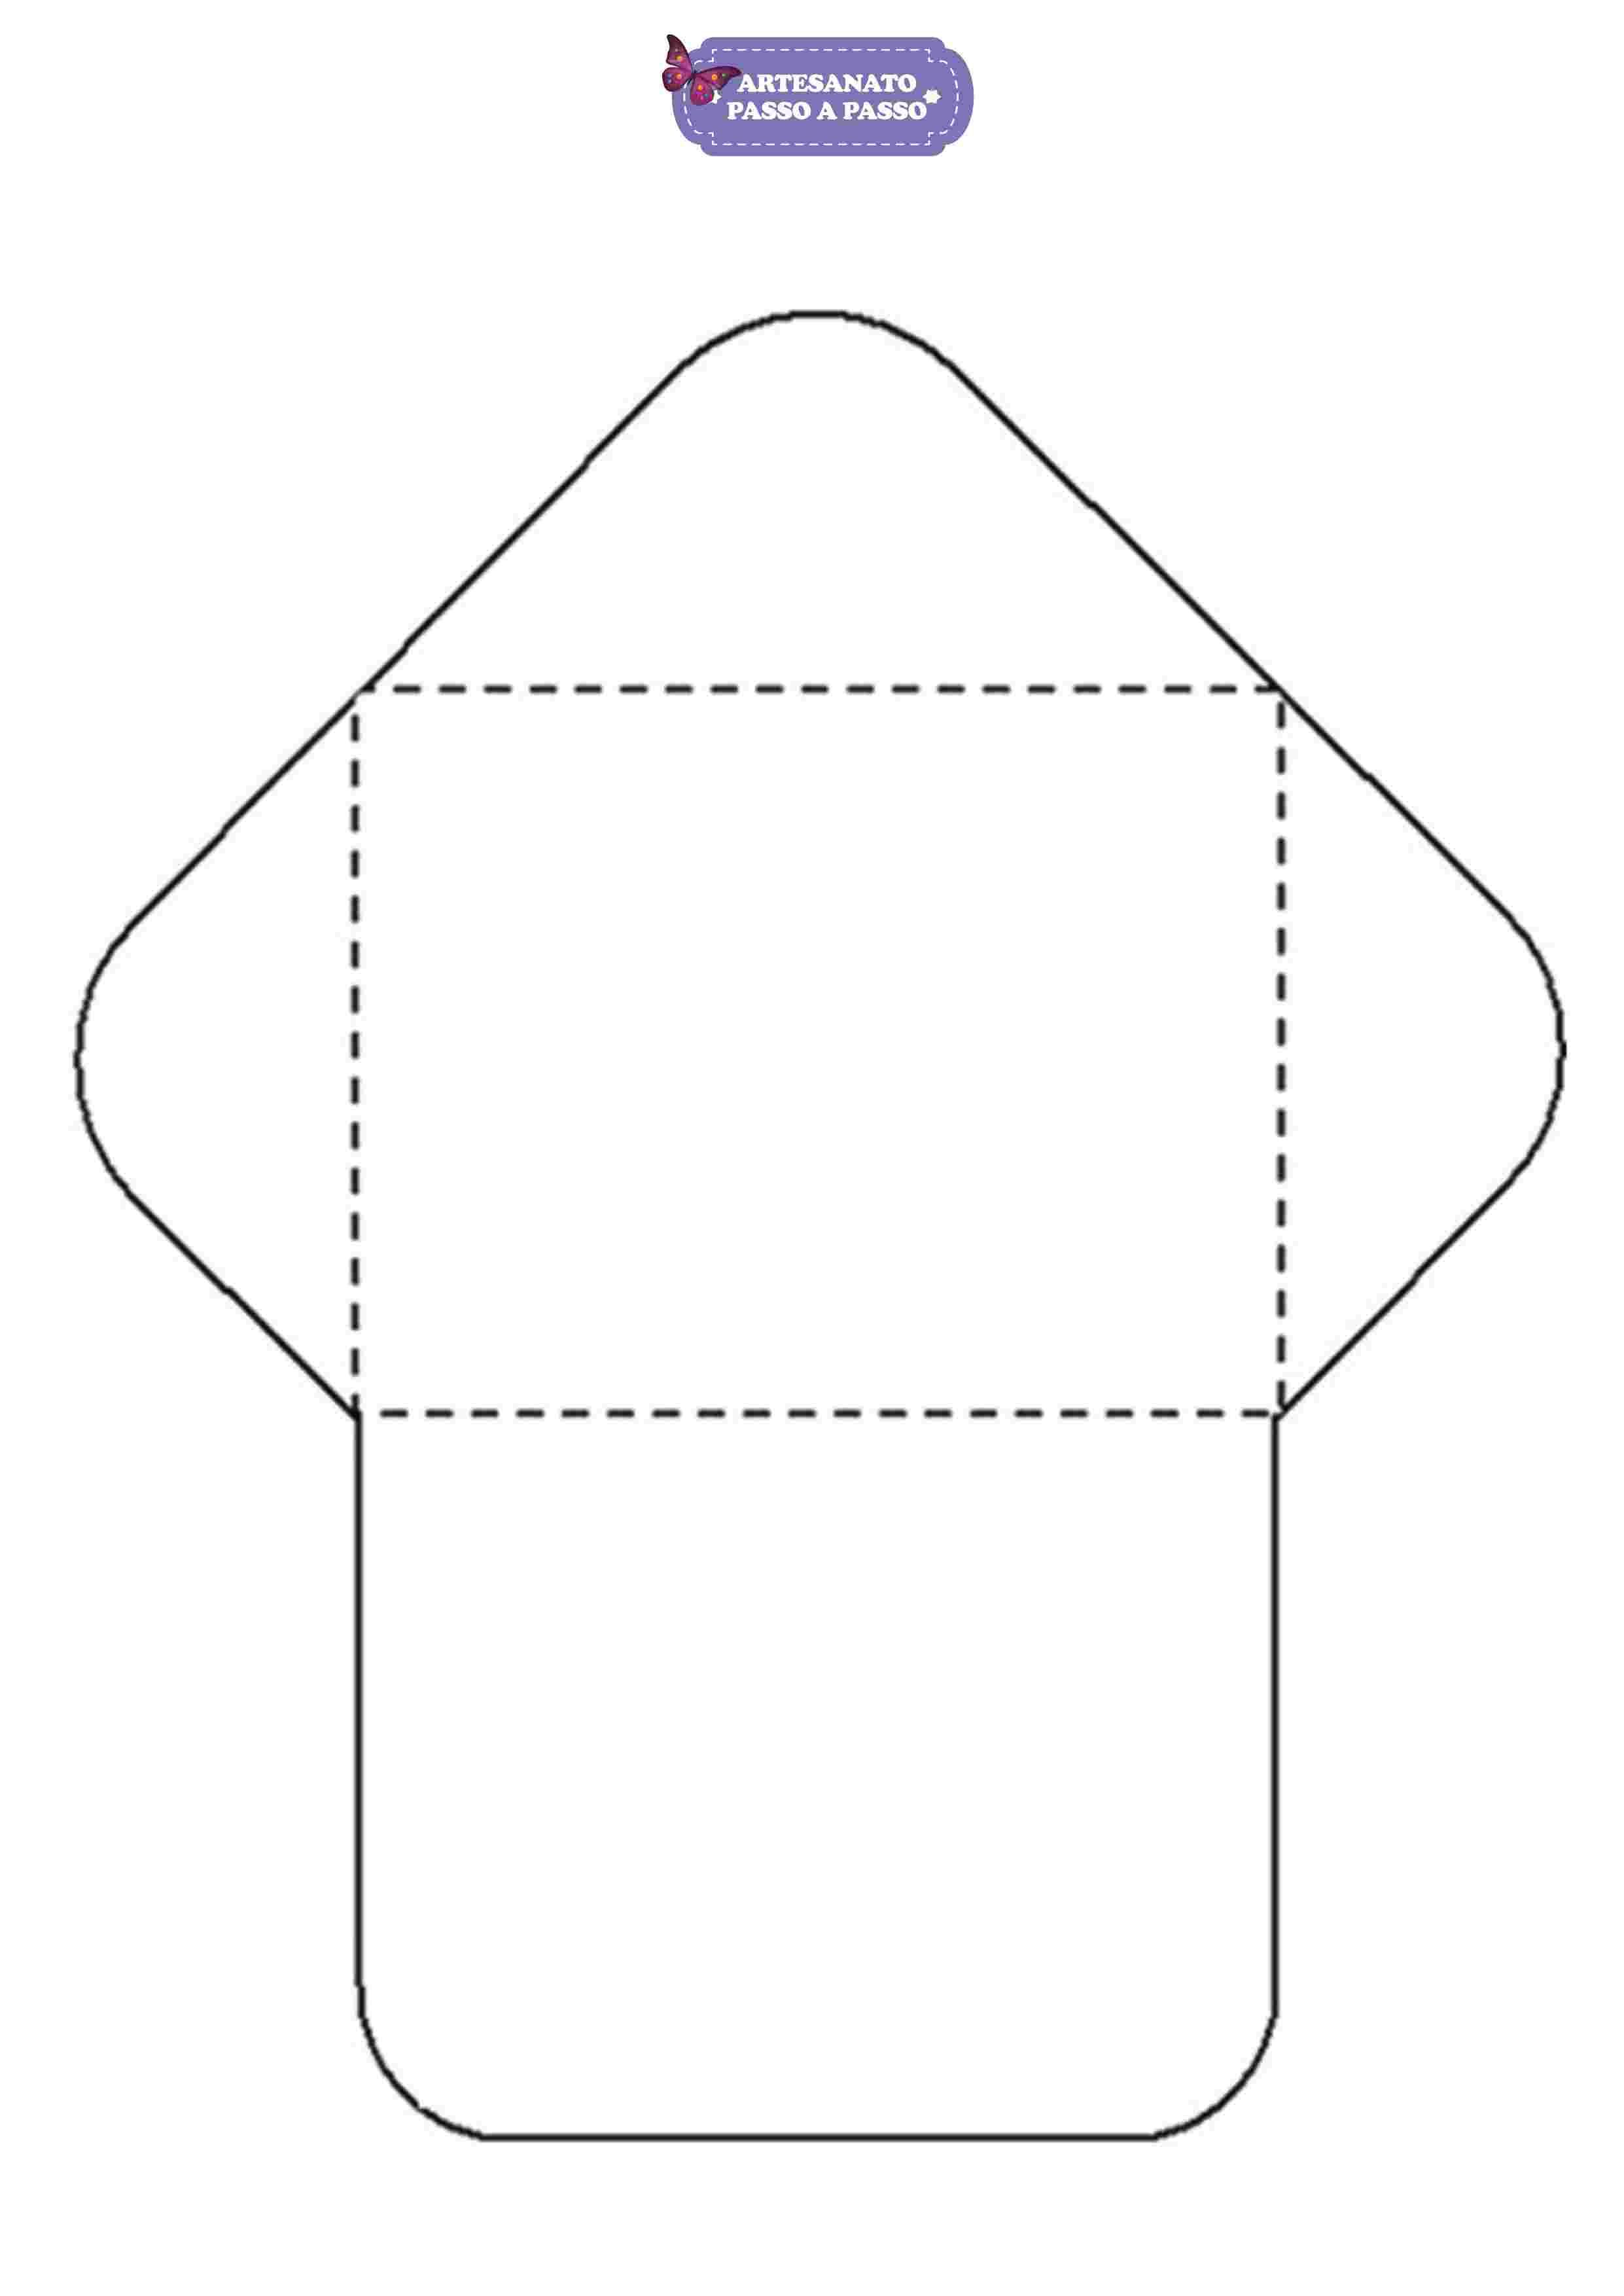 Molde De Envelope Para Imprimir Modelos Artesanato Passo A Passo